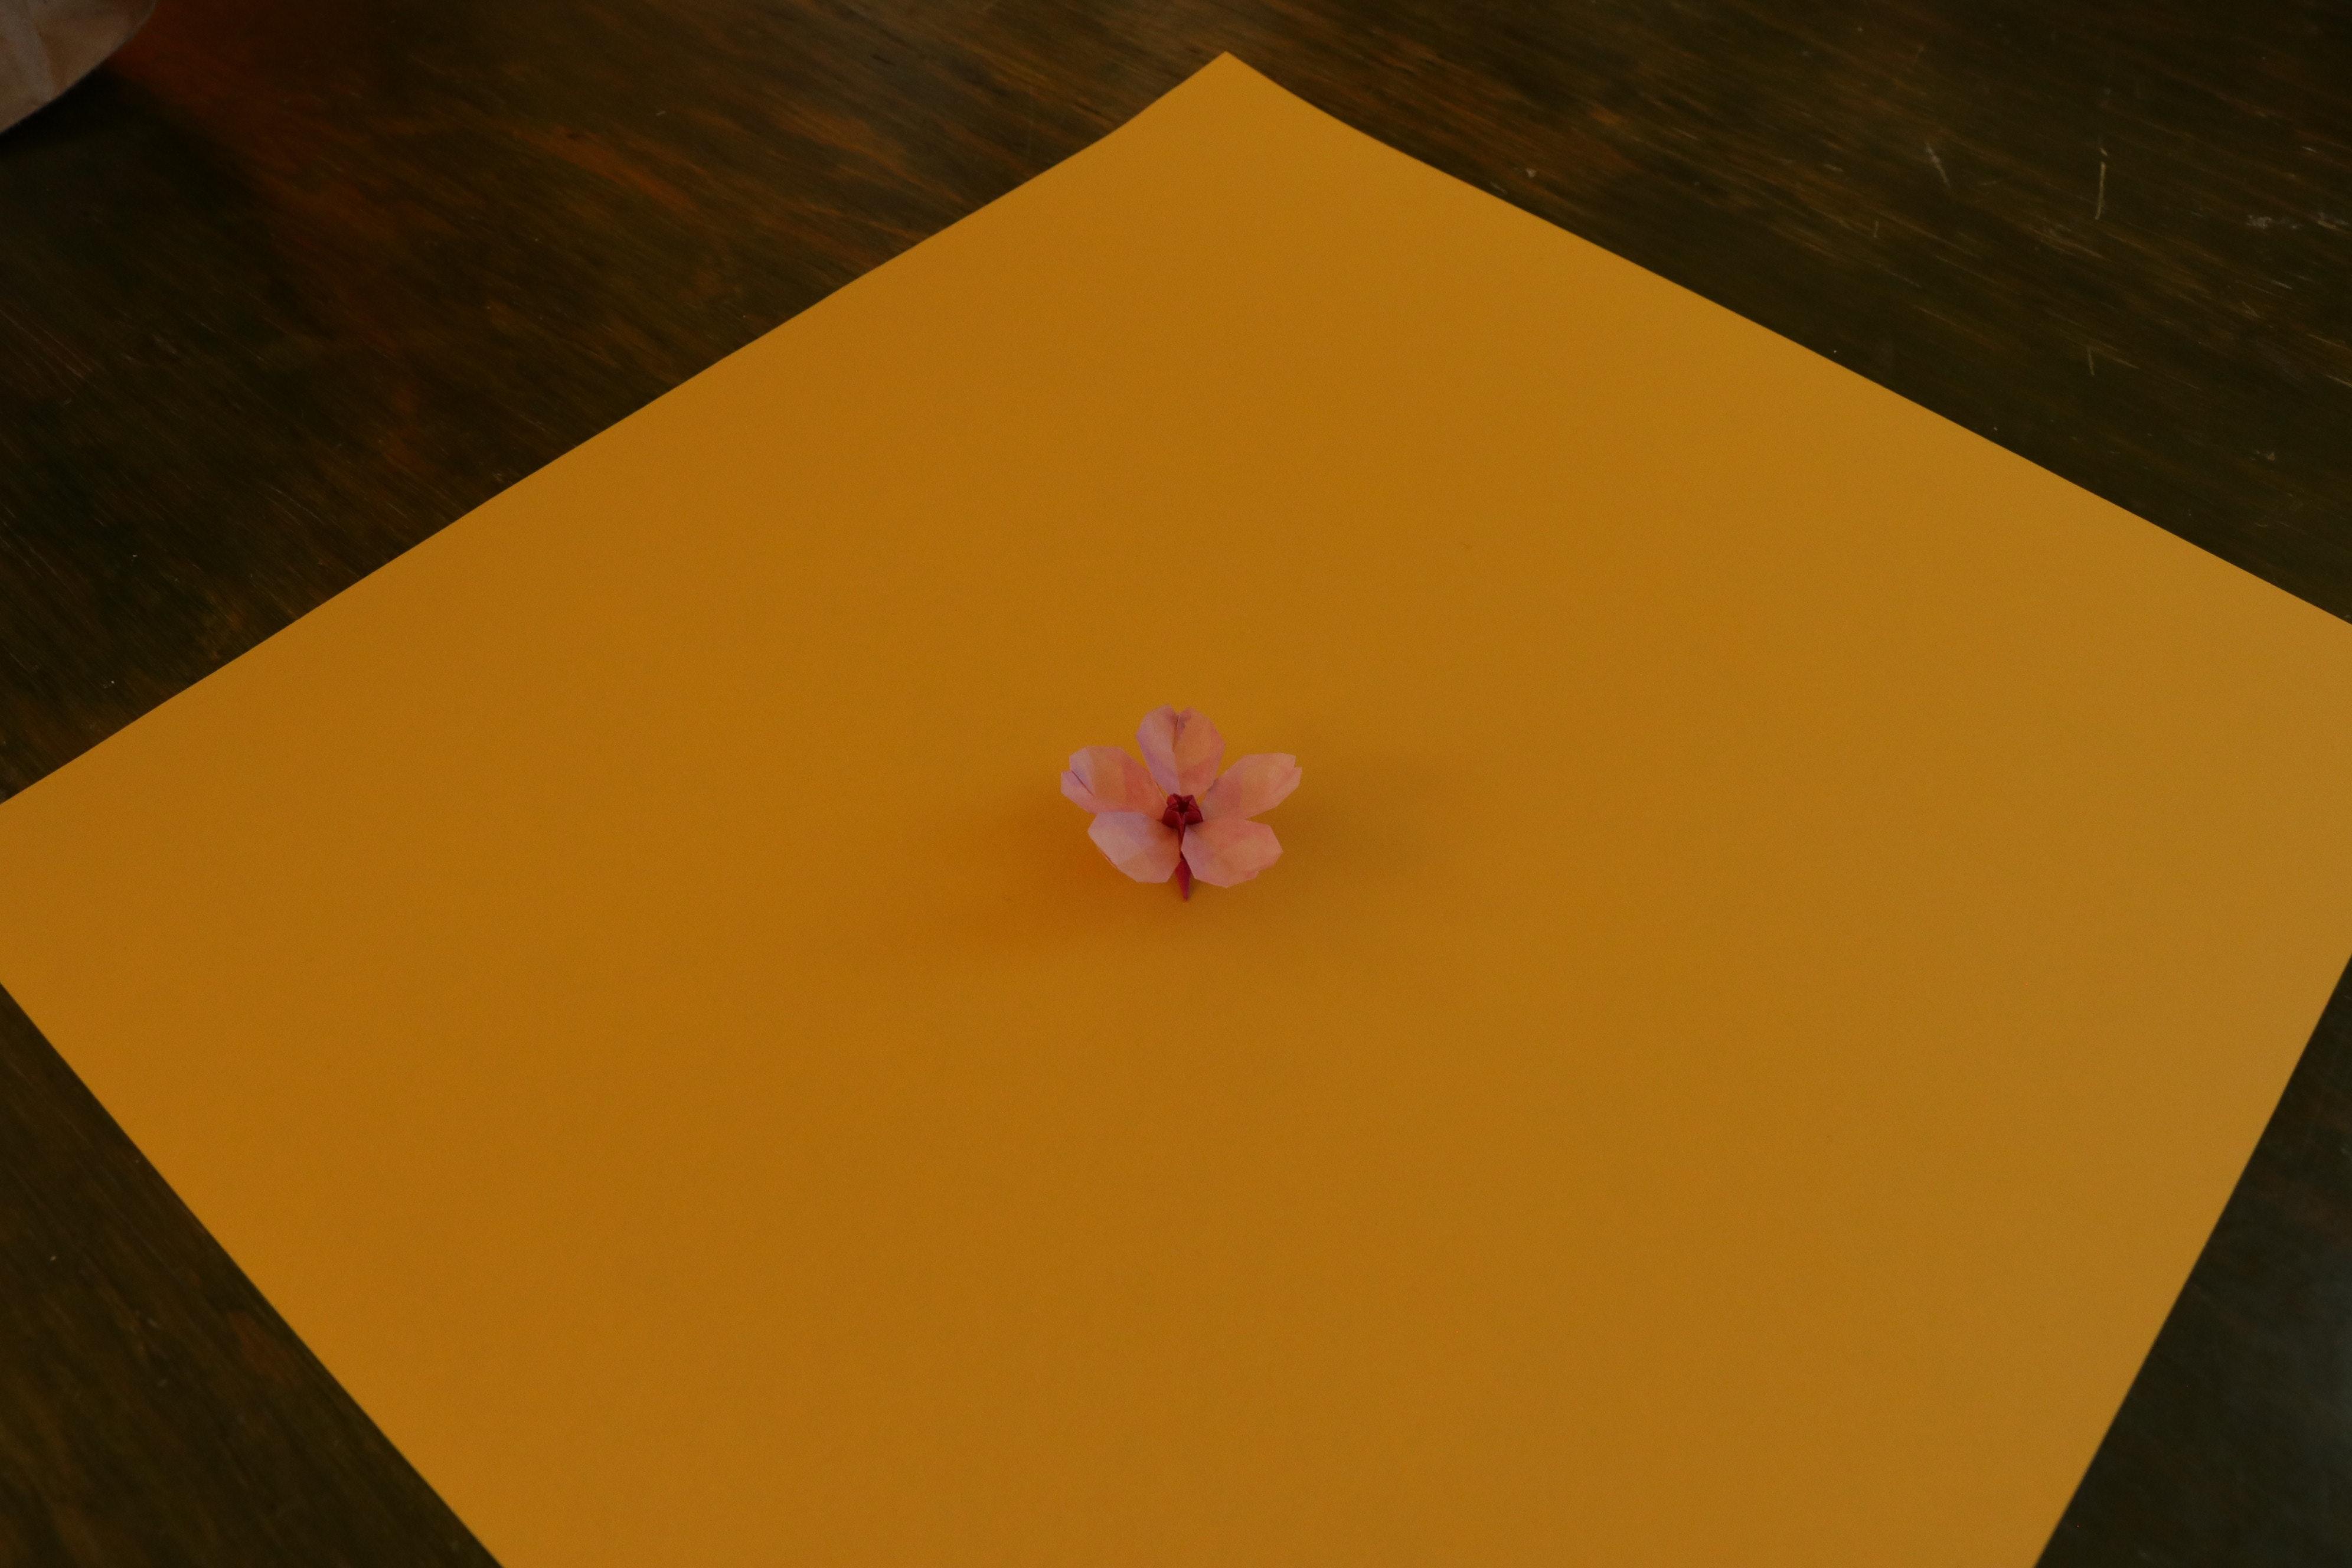 Download 64 Gambar Bunga Sakura Orange Paling Cantik